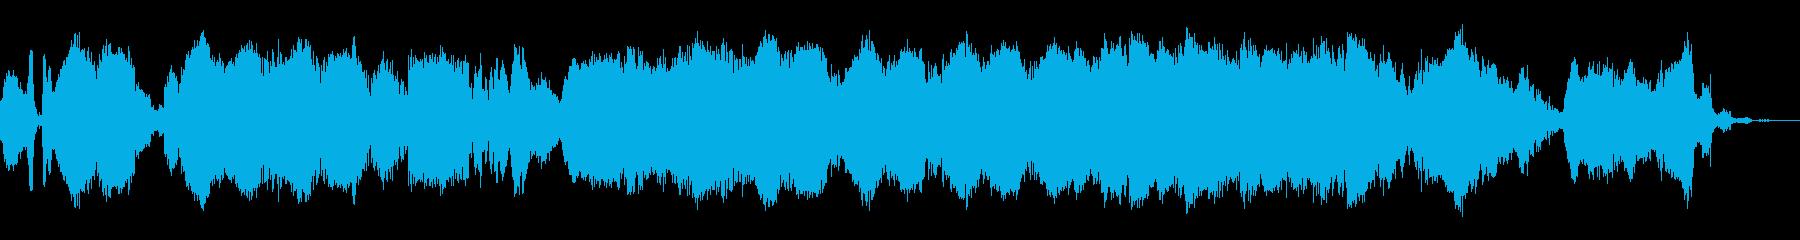 宇宙的なイメージのBGMの再生済みの波形